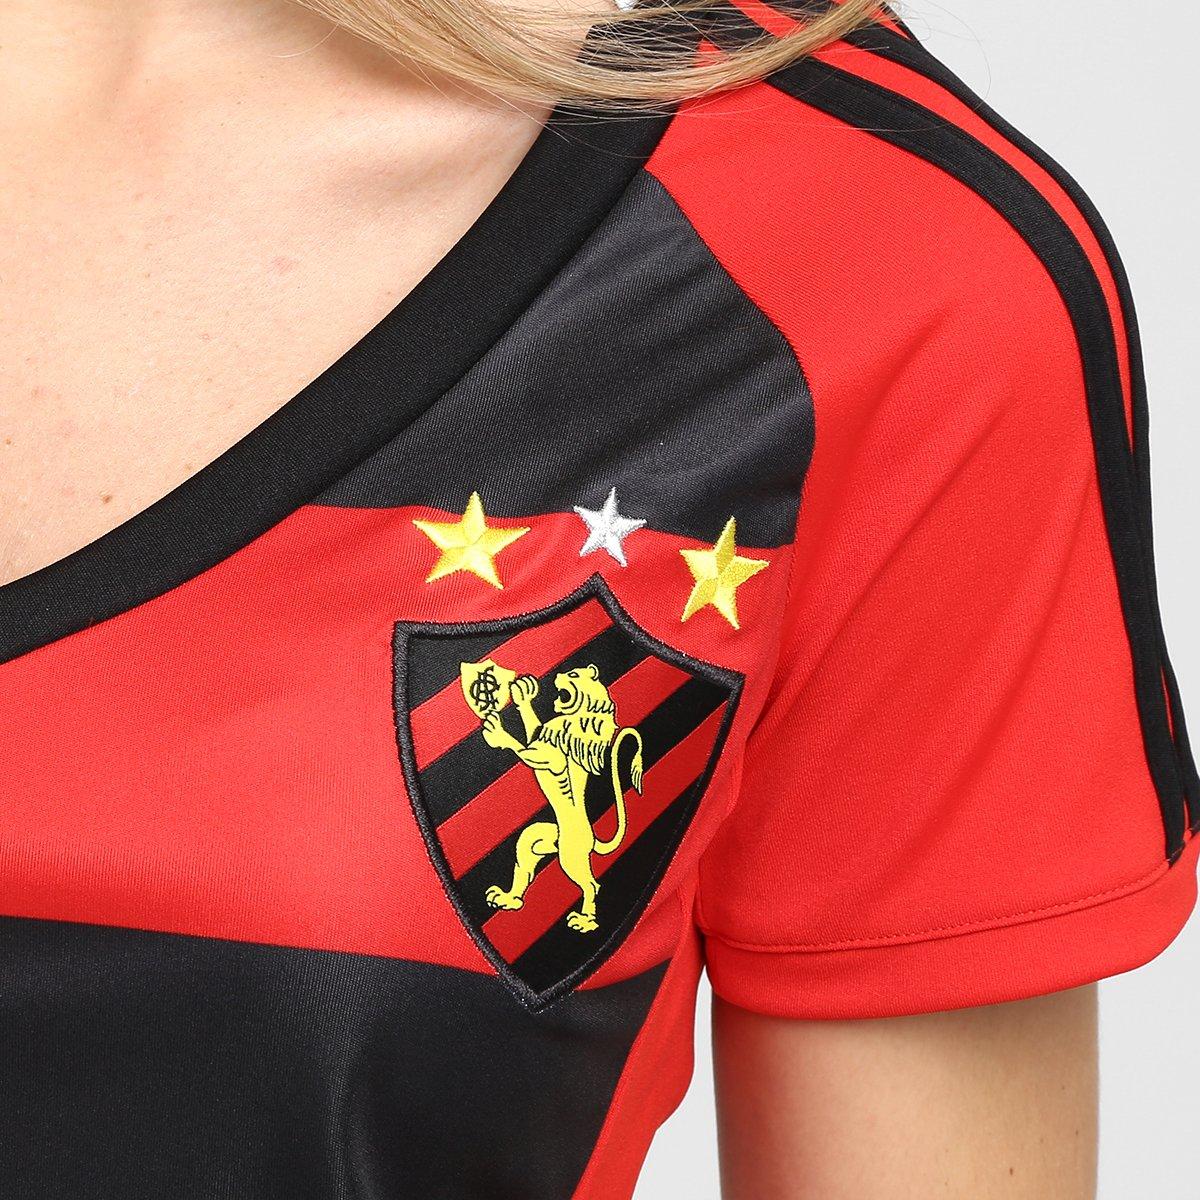 Camisa Sport Recife I 2016 s nº Torcedor Adidas Feminina - Compre ... 238725316b9e6